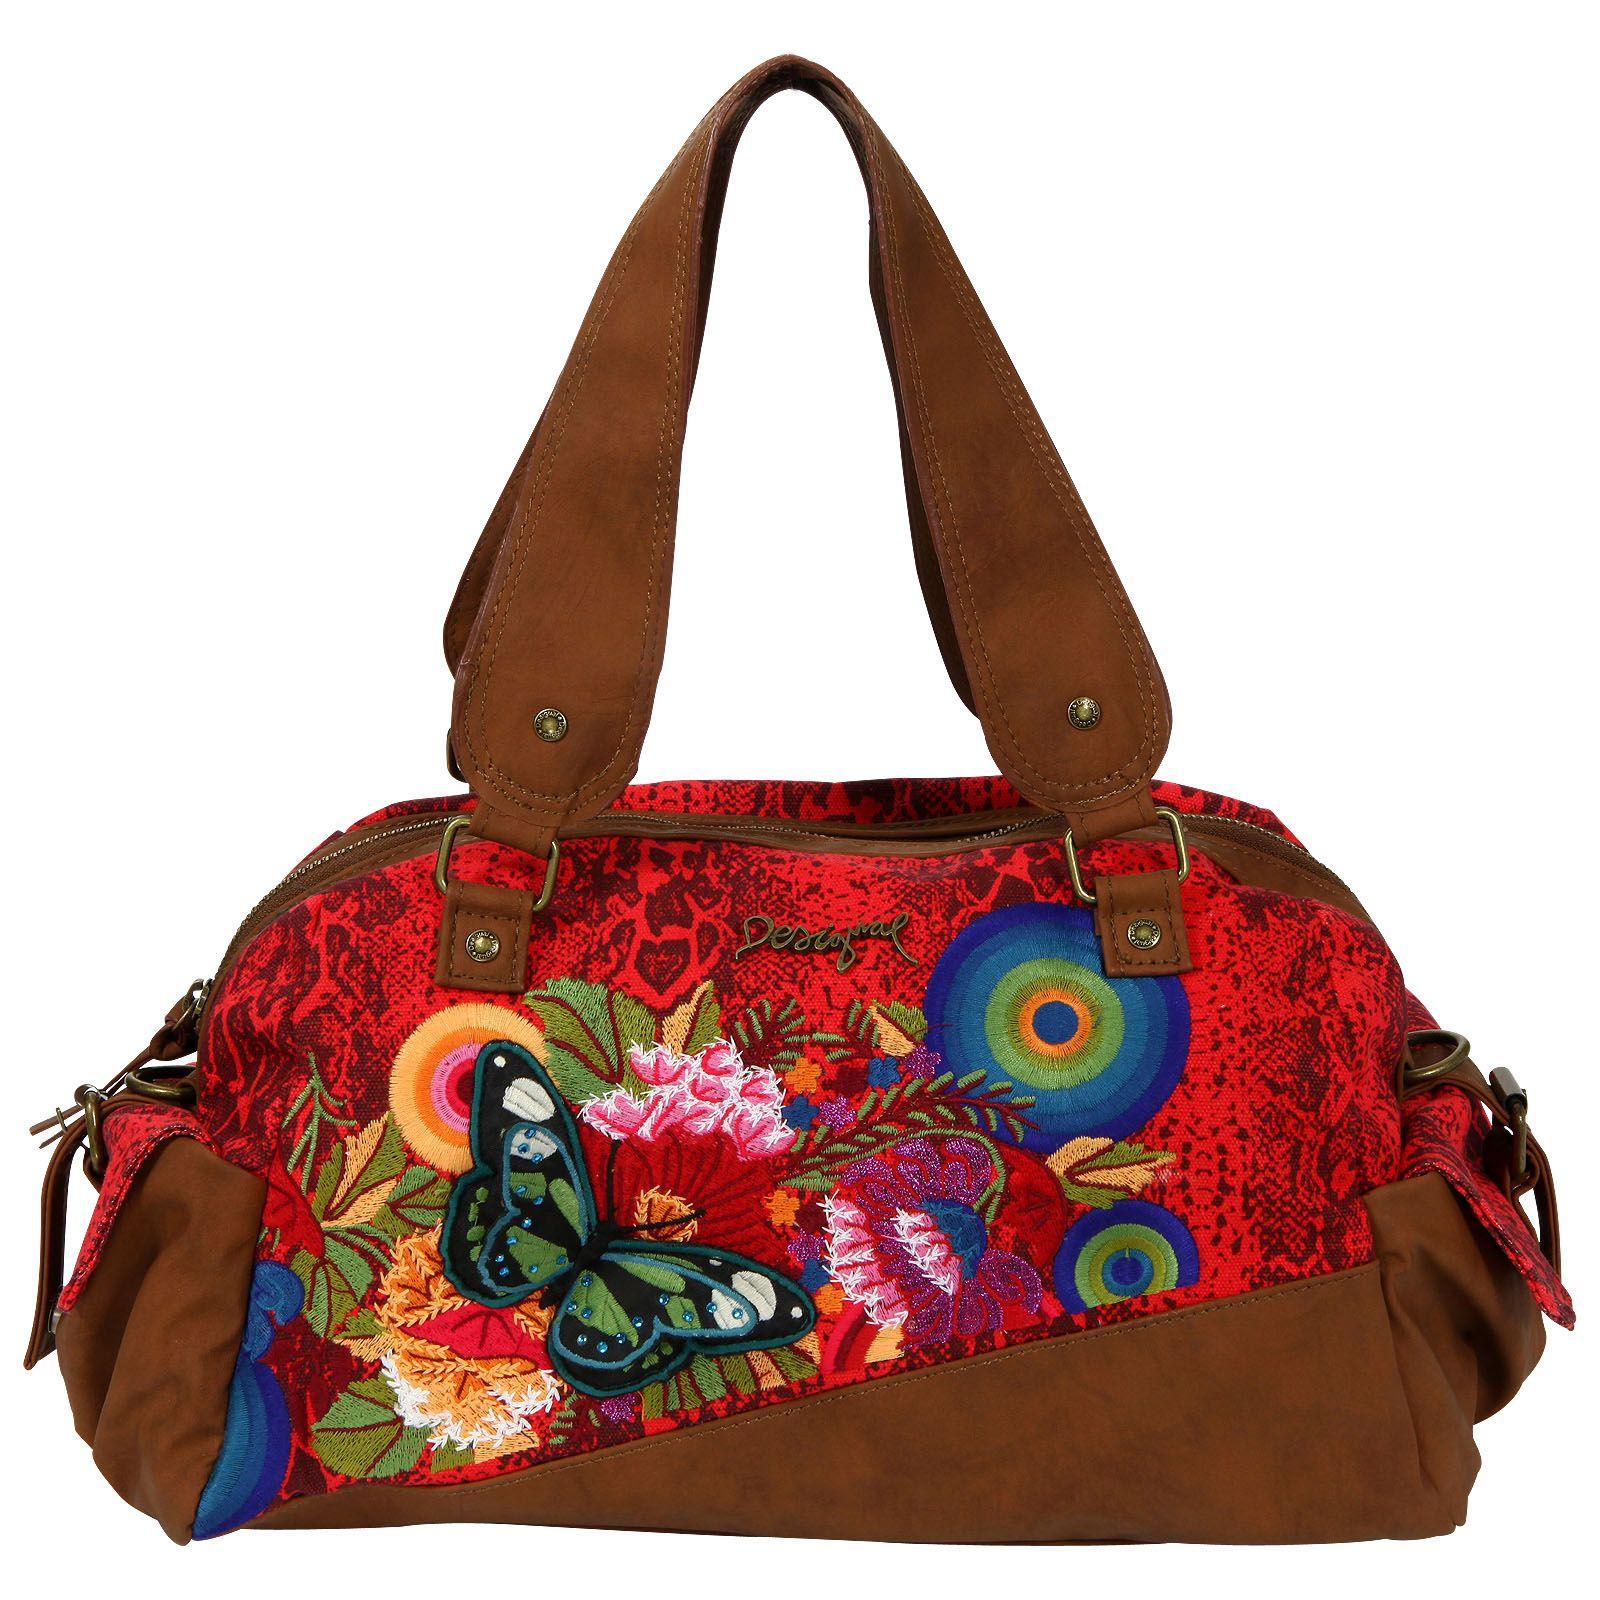 fe2a3342b5 Sac à main simili cuir et canvas imprimé   DESIGUAL BAGS & SHOES ...